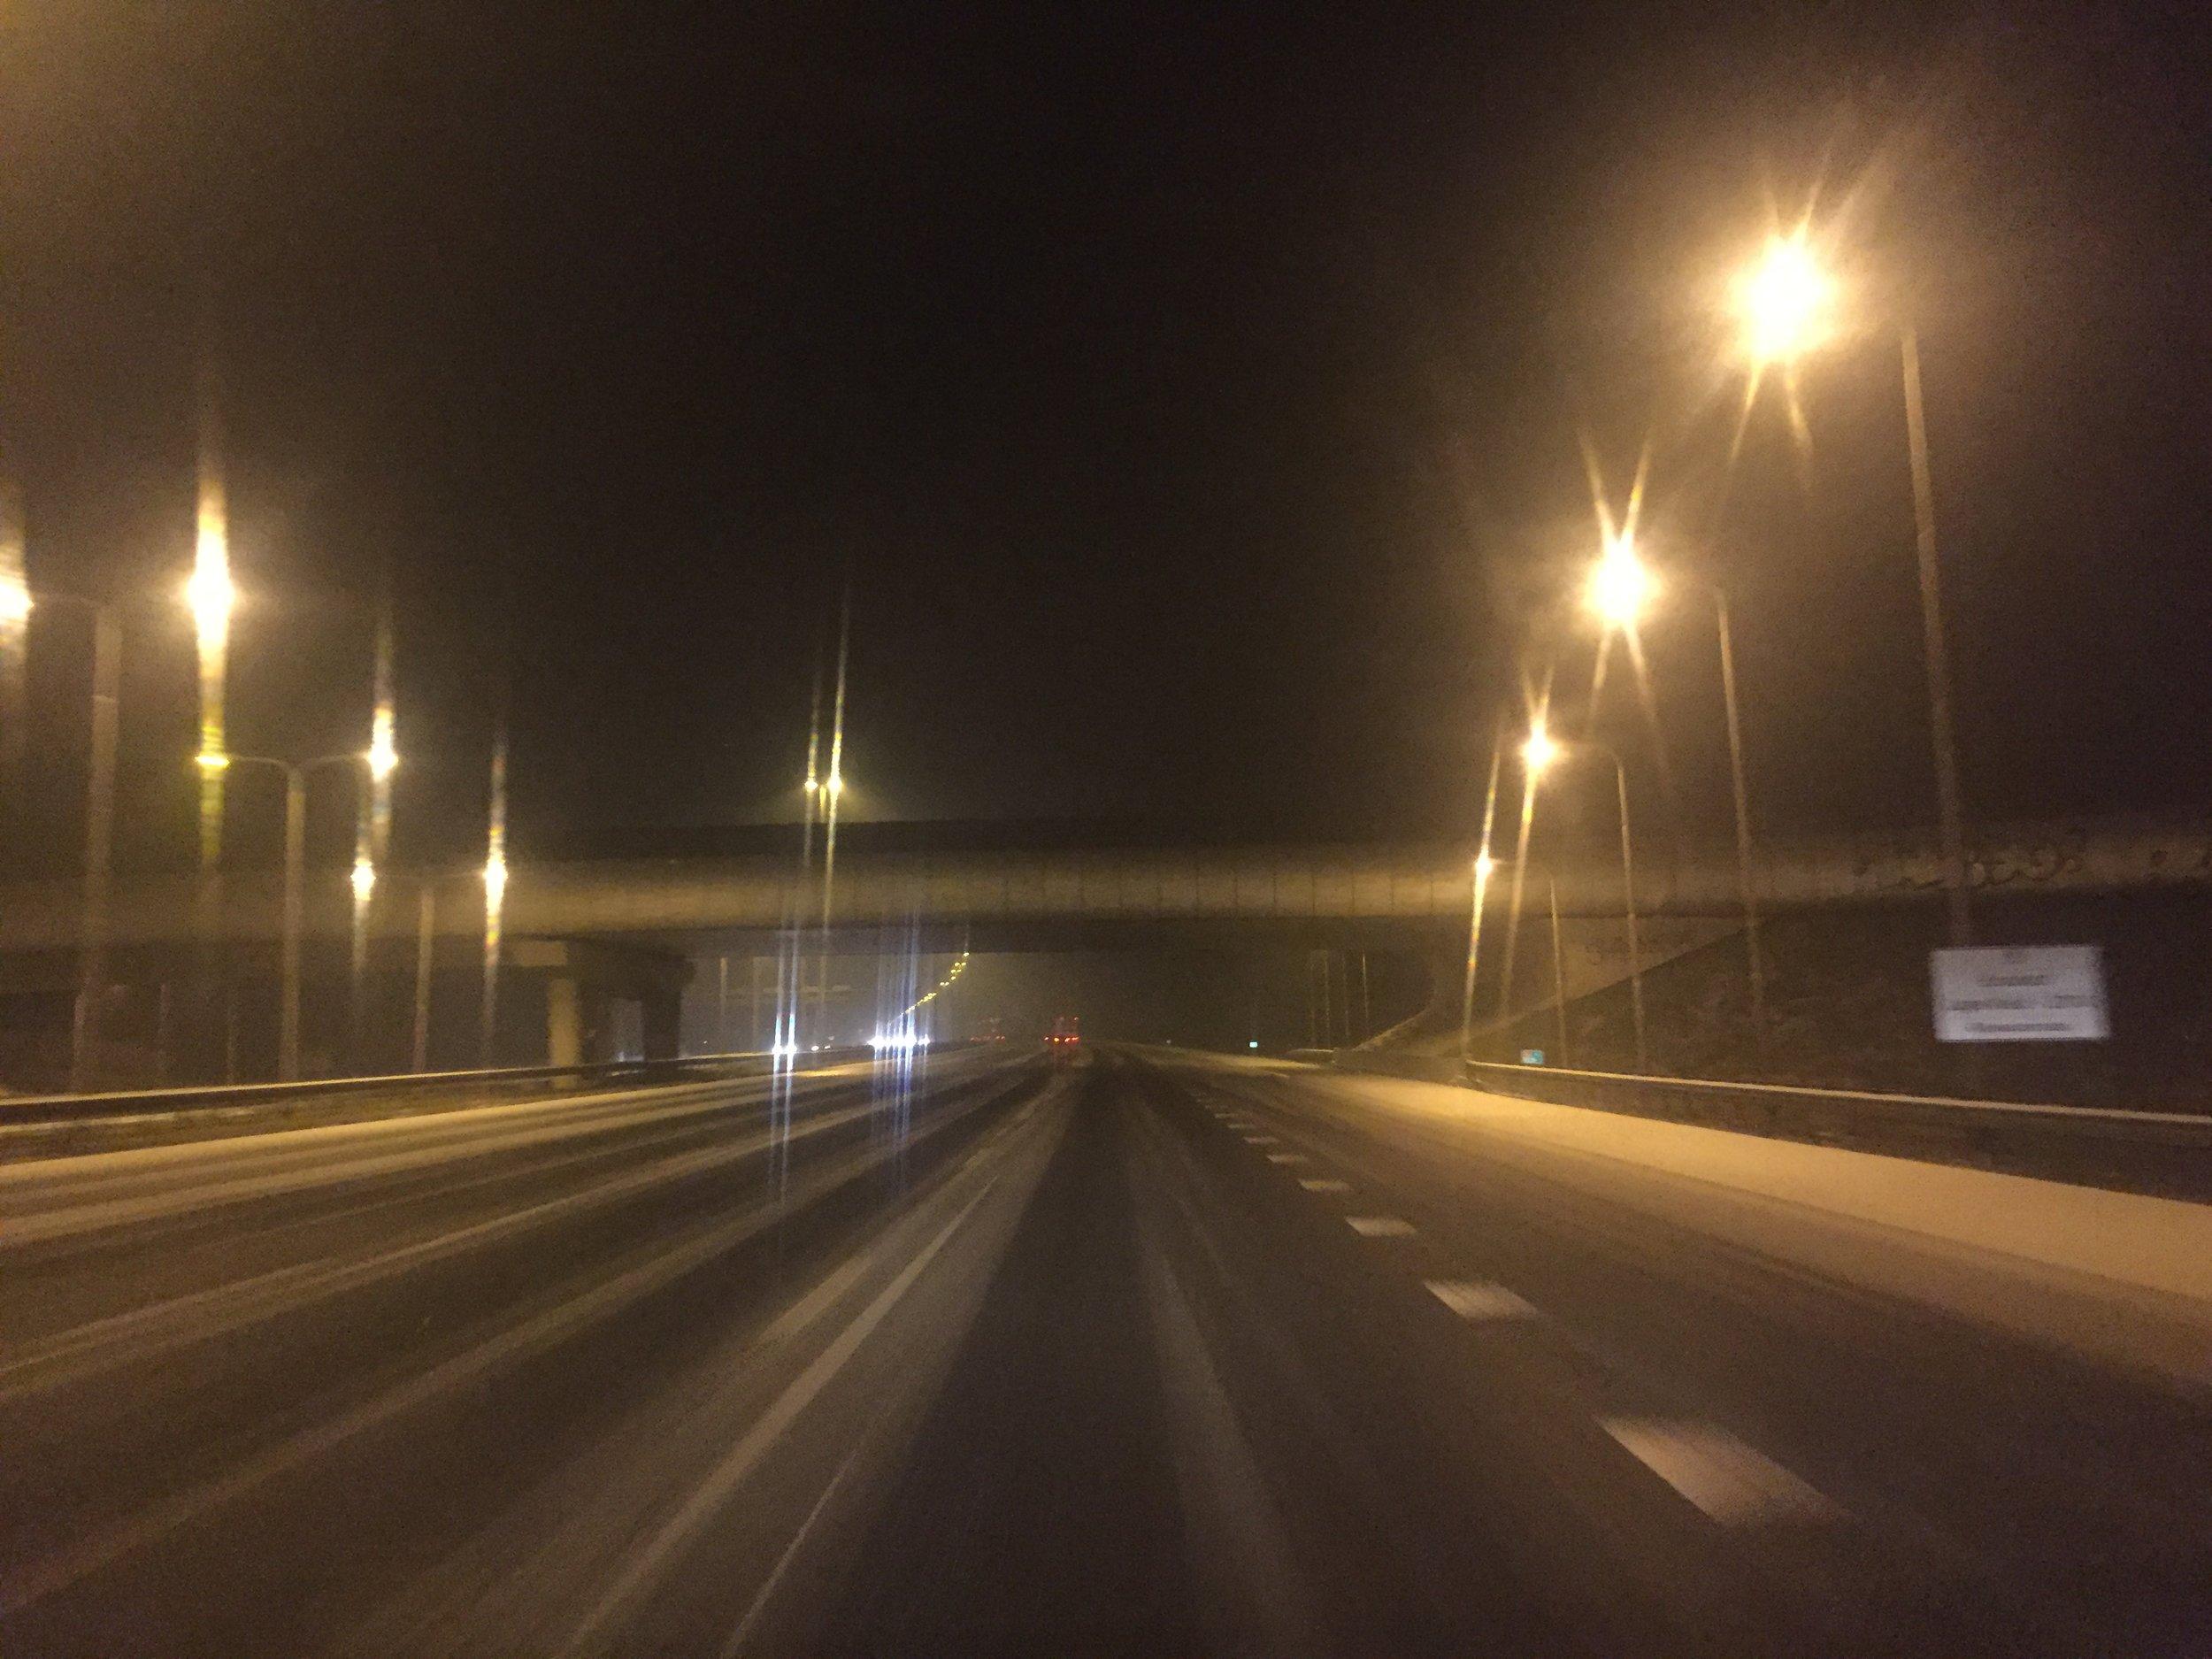 Sneeuw op de snelweg in de buurt van Utrecht!